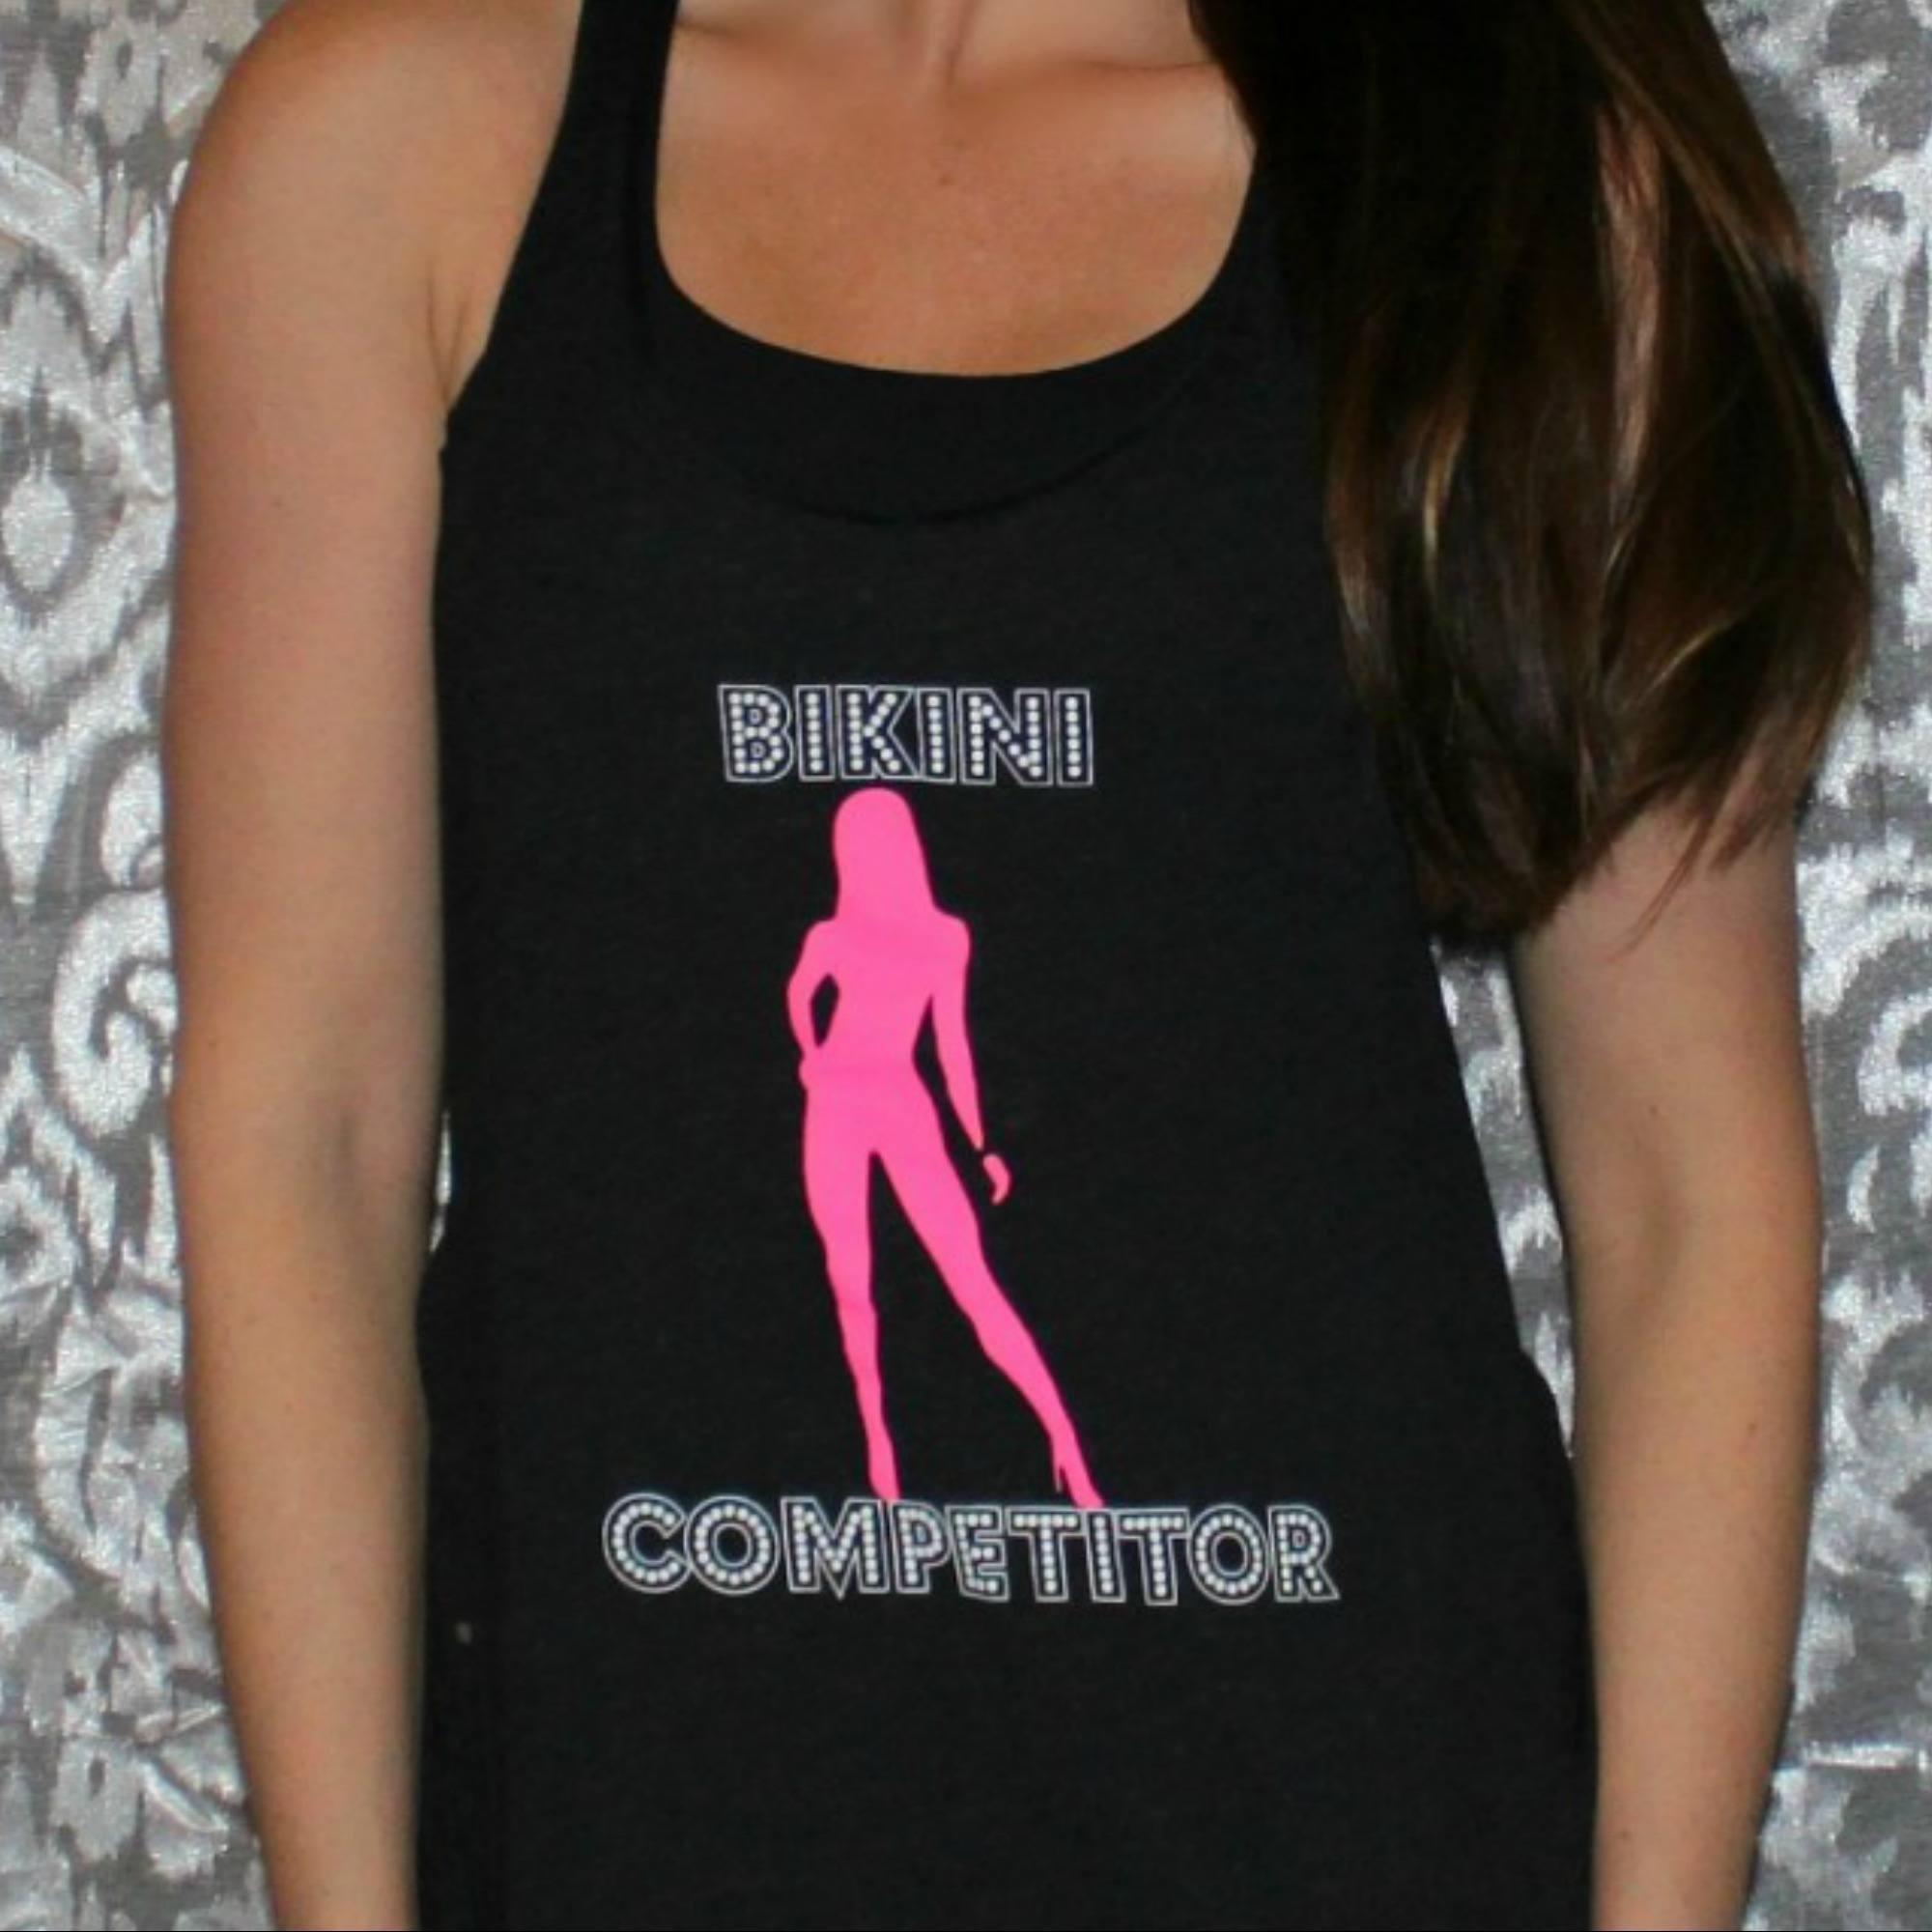 bikini competitor tank